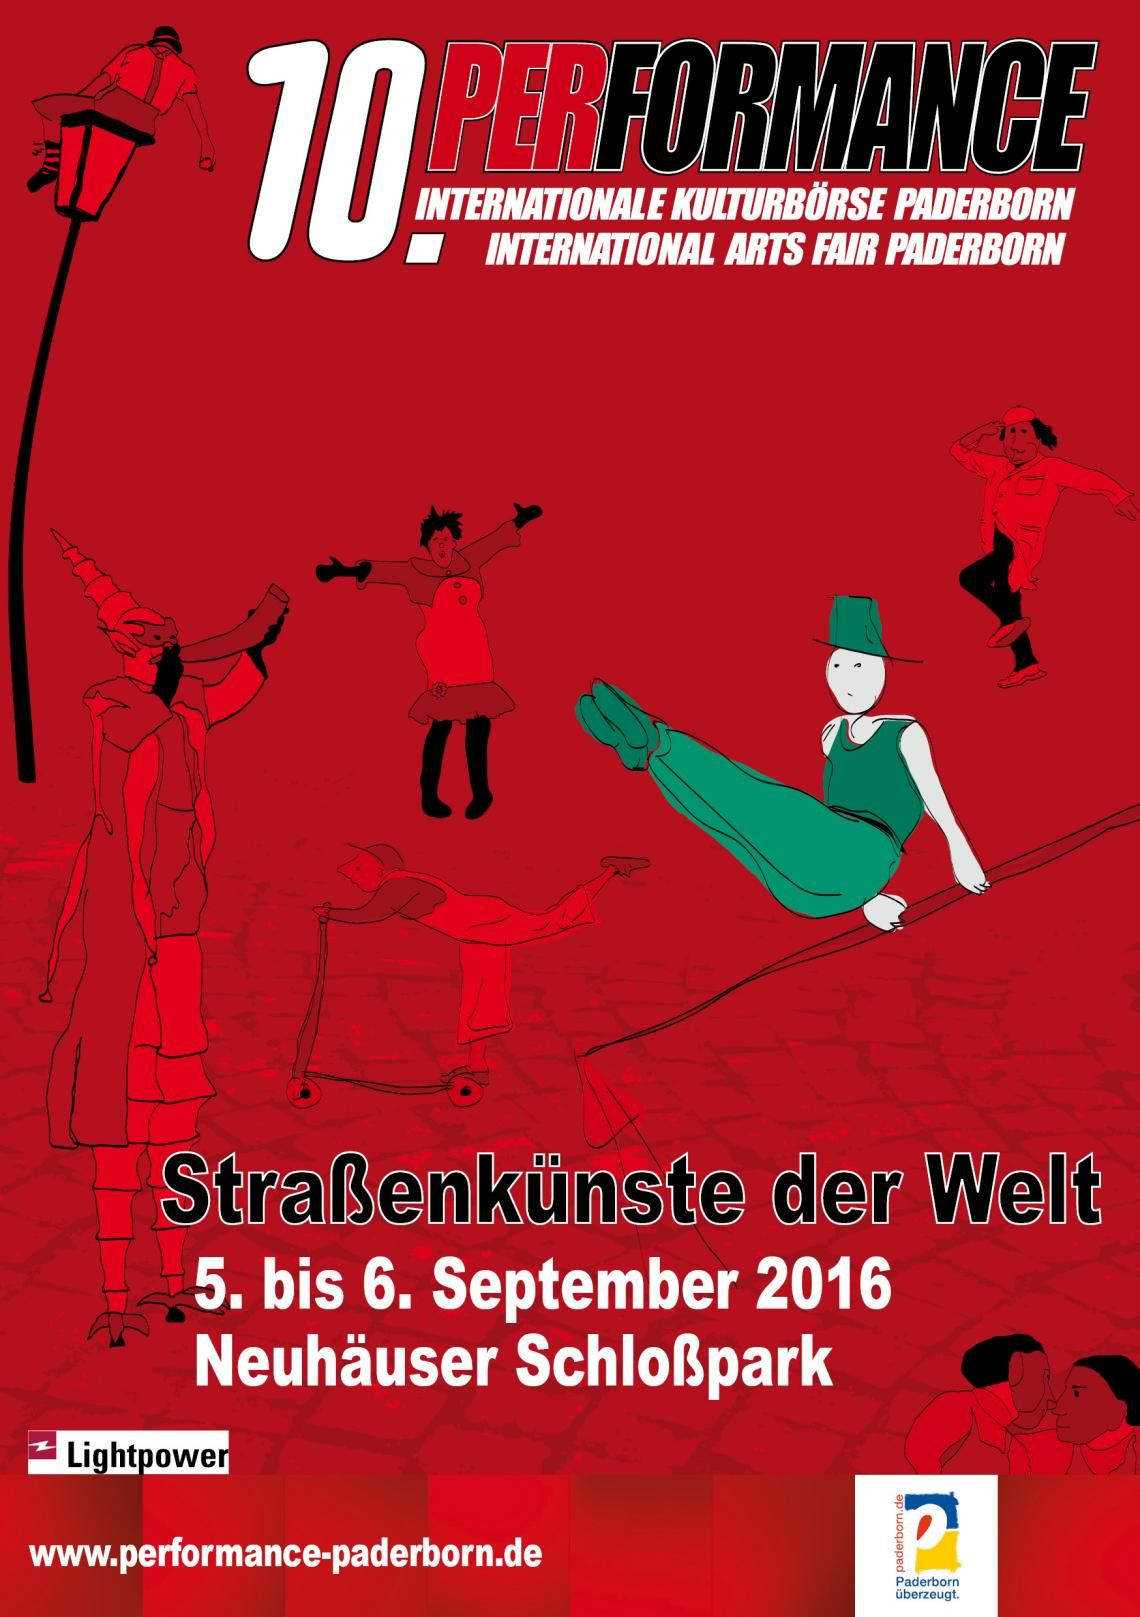 Performance 2016 Internationale Börse für Kunst und Kultur im öffentlichen Raum / International Marketplace for Arts and Culture in public spaces